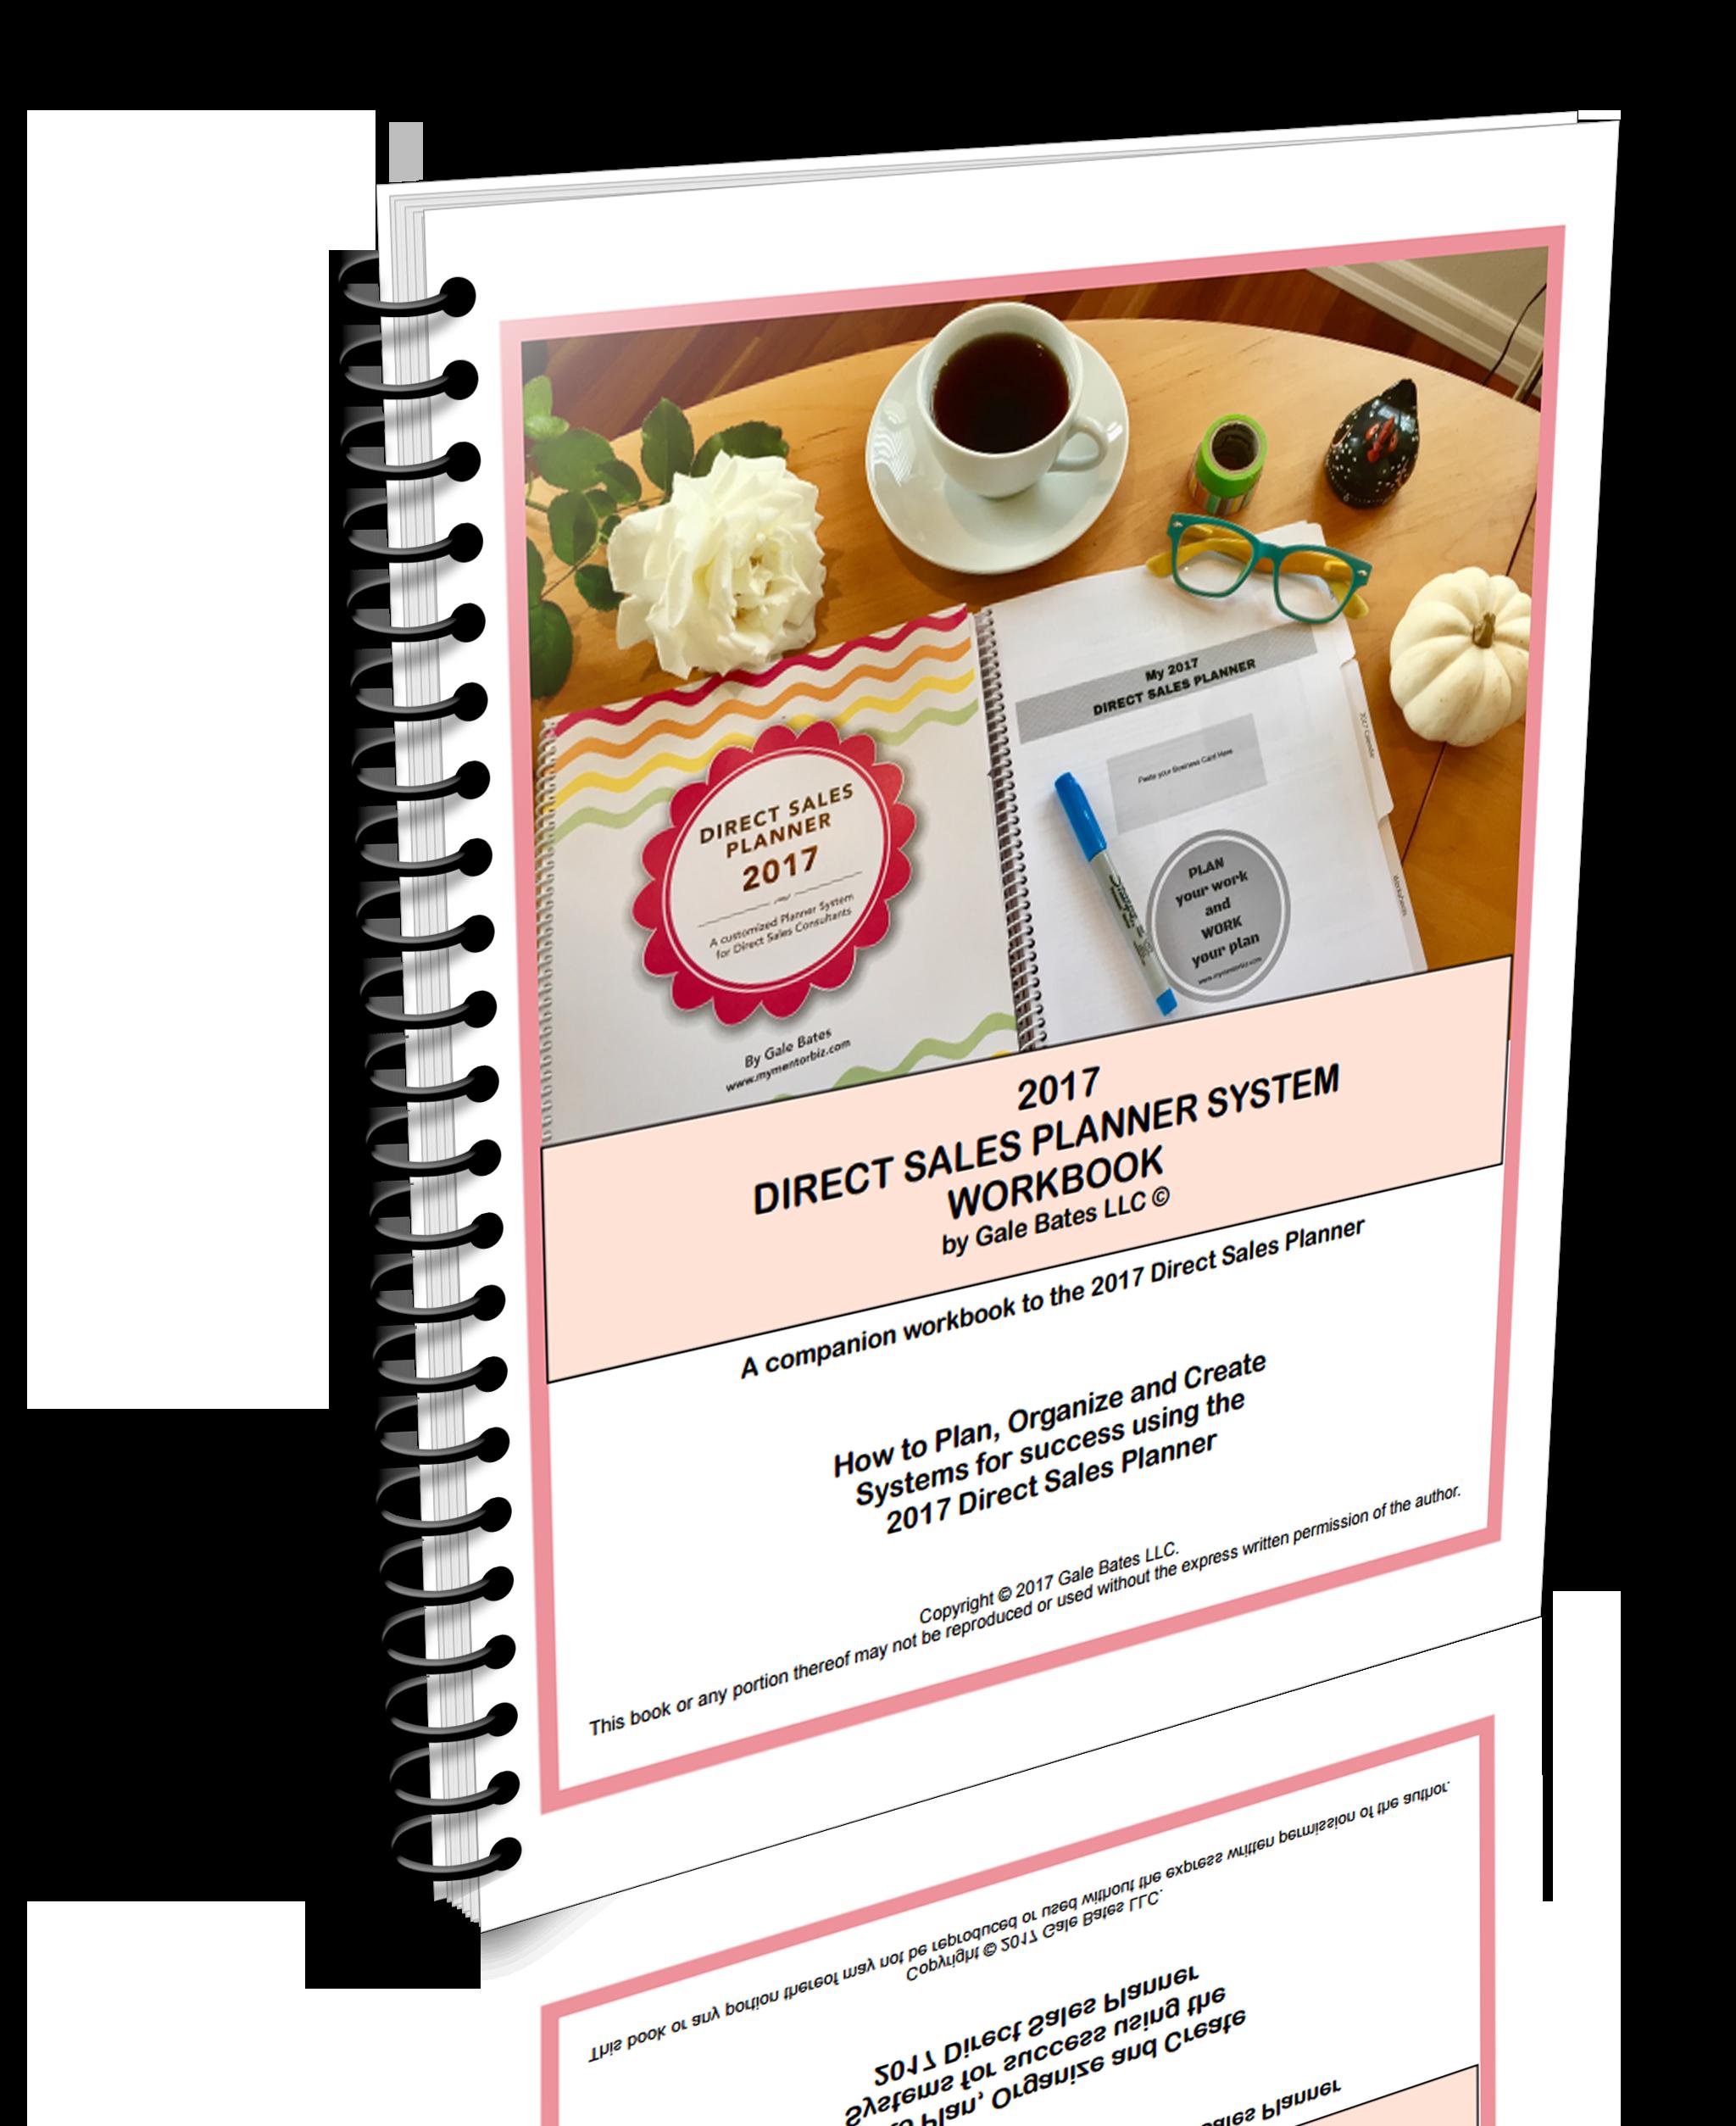 direct_sales_planner_2017_workbook-w-no-background-blk-spiral